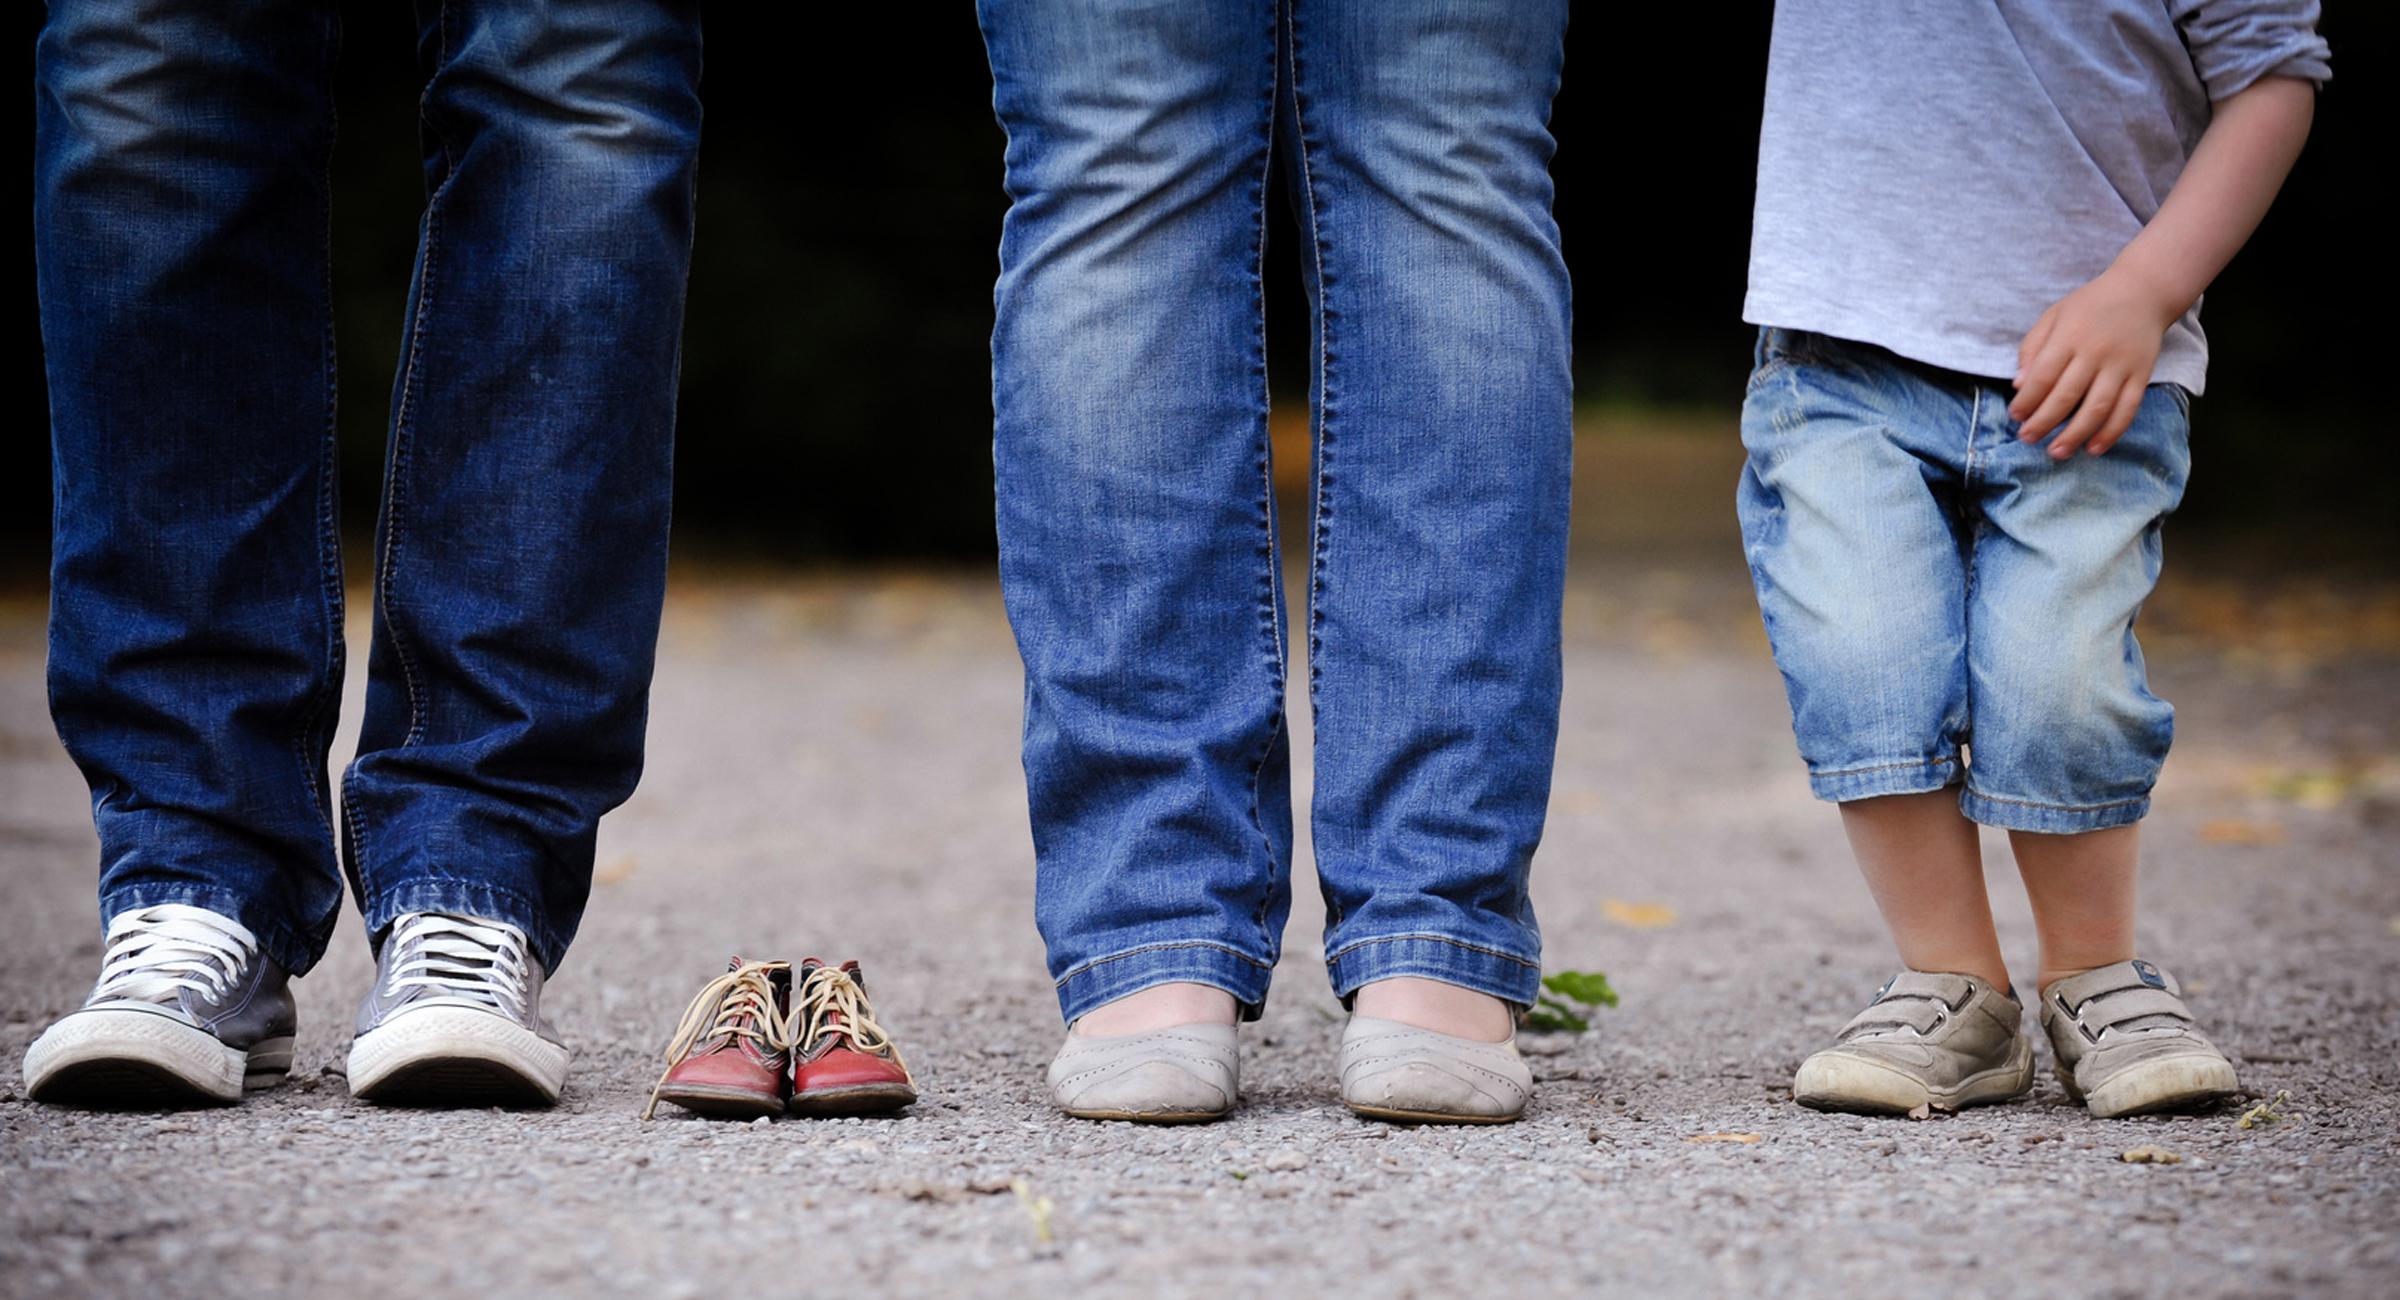 familie beine